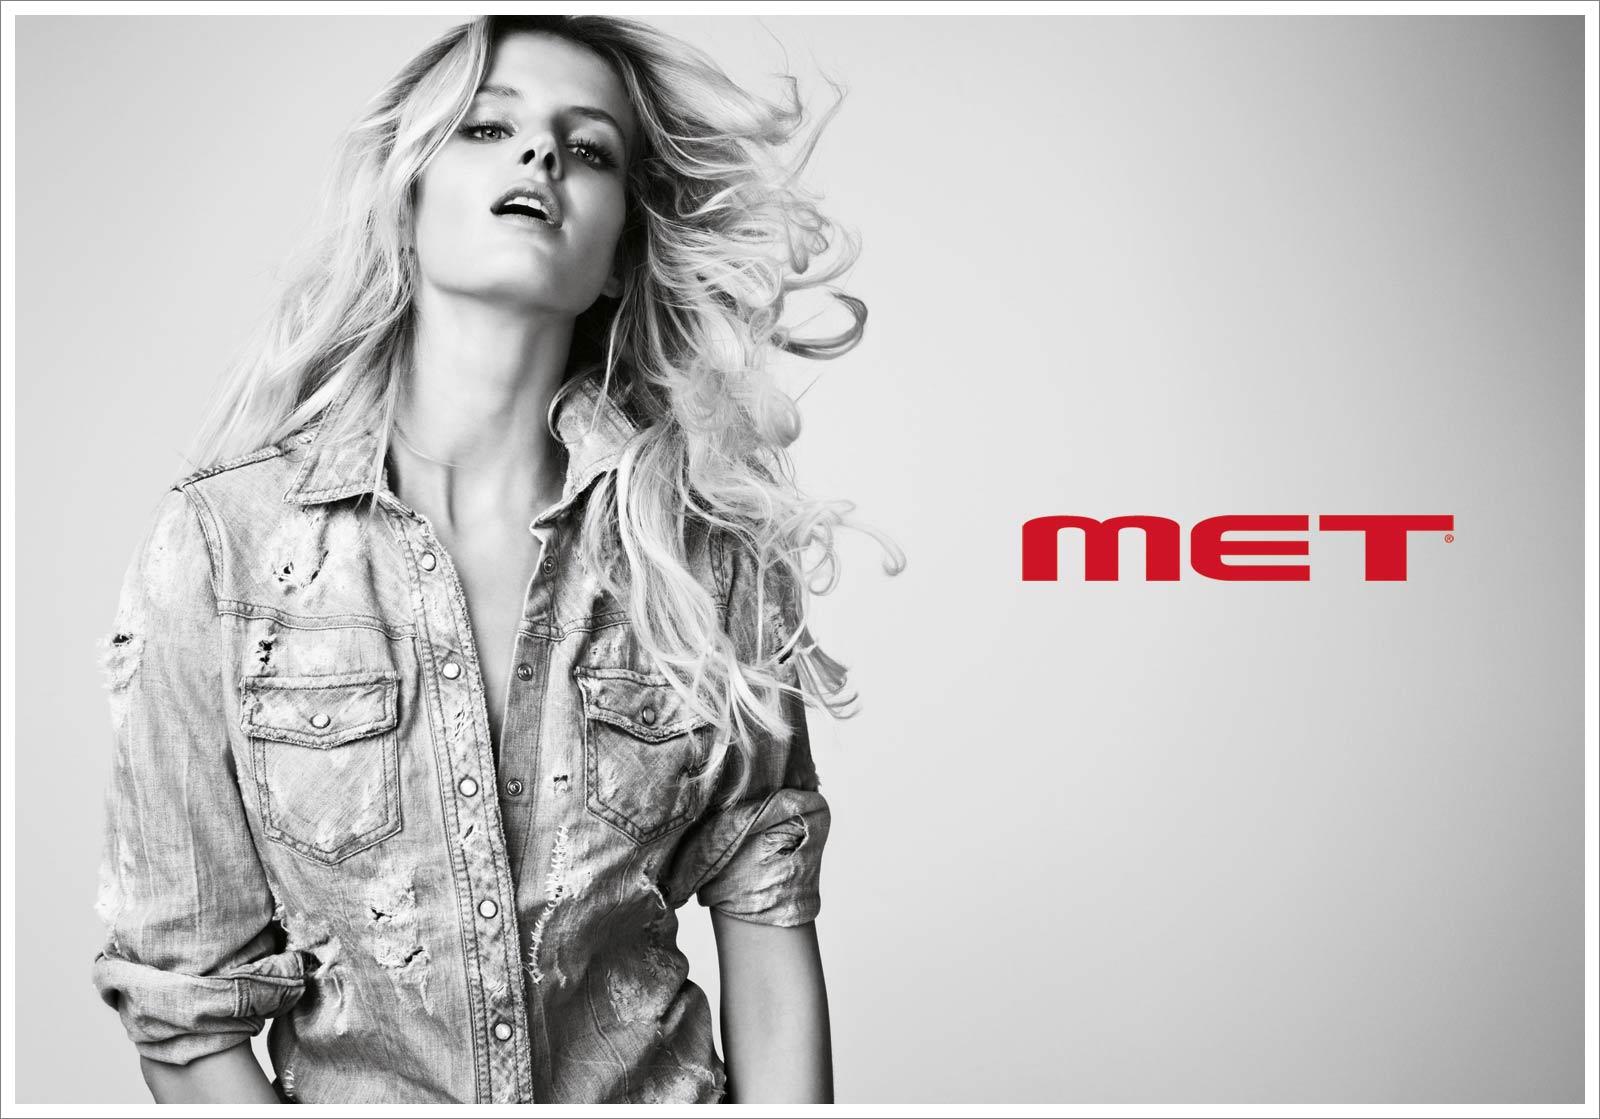 Met SS 2013 | Adriano Russo | Met Jeans | Vogue Italia | Giulio Martinelli | Numerique Retouch Photo Retouching Studio